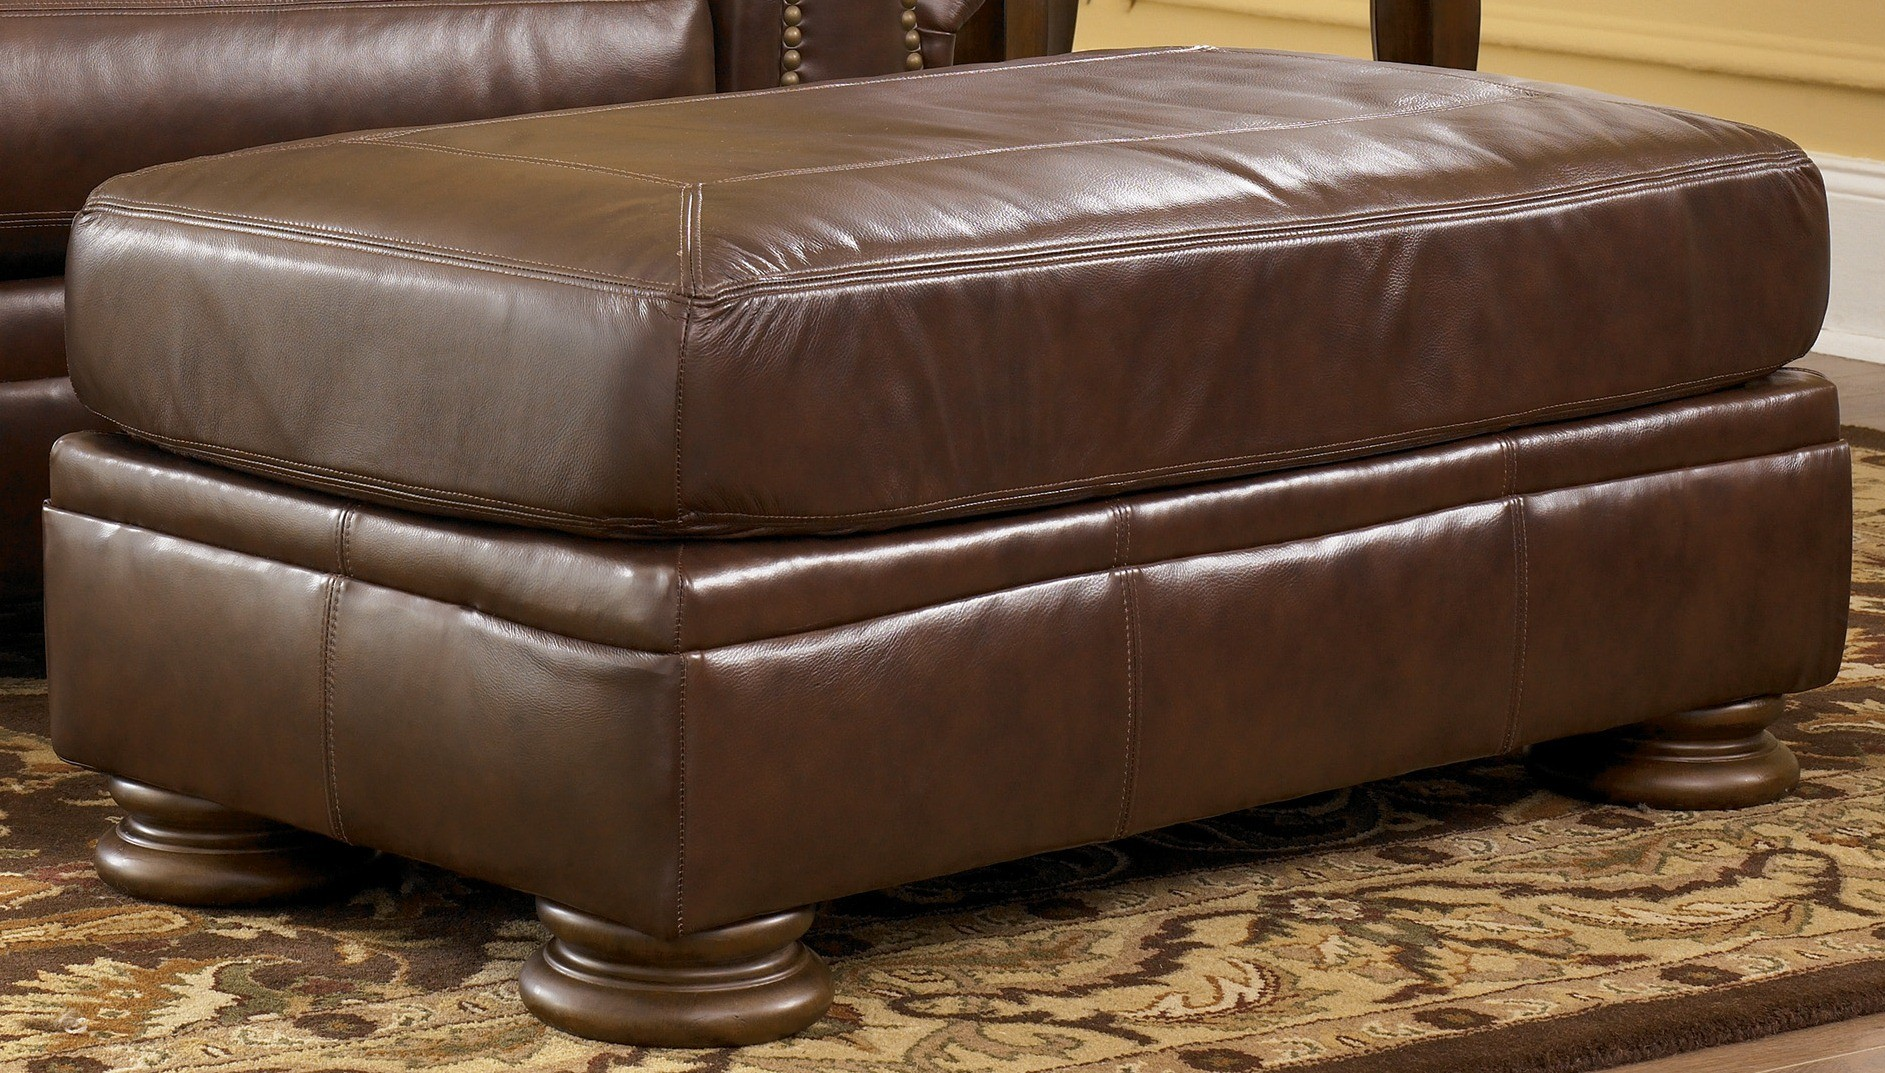 Palmer Walnut Ottoman By Ashley Furniture 2050014 Leather Ottoman